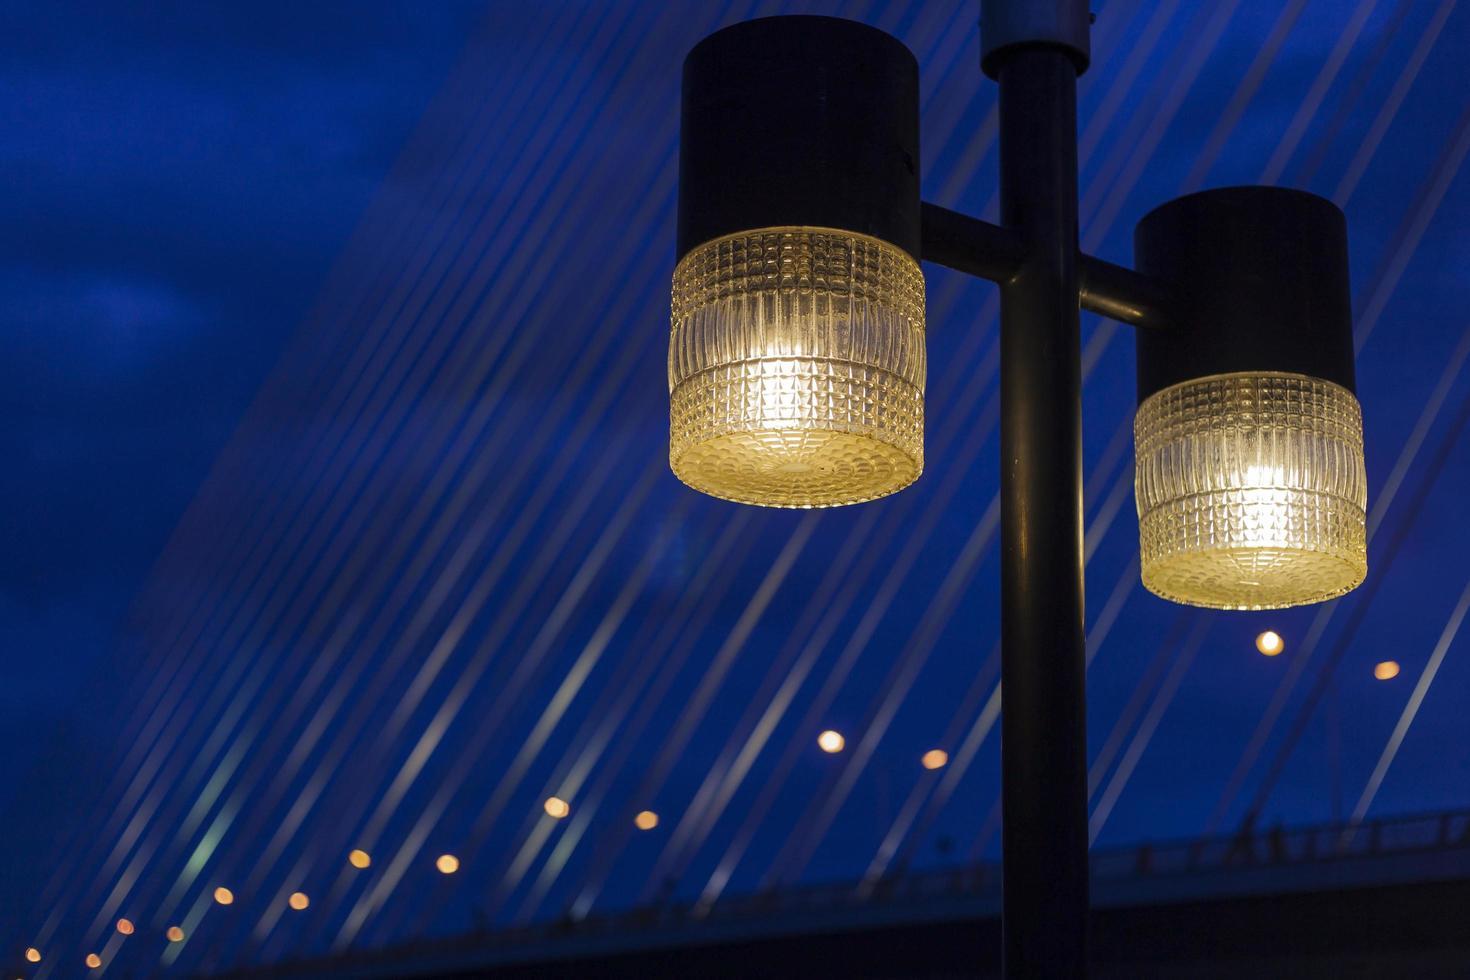 lampes la nuit photo